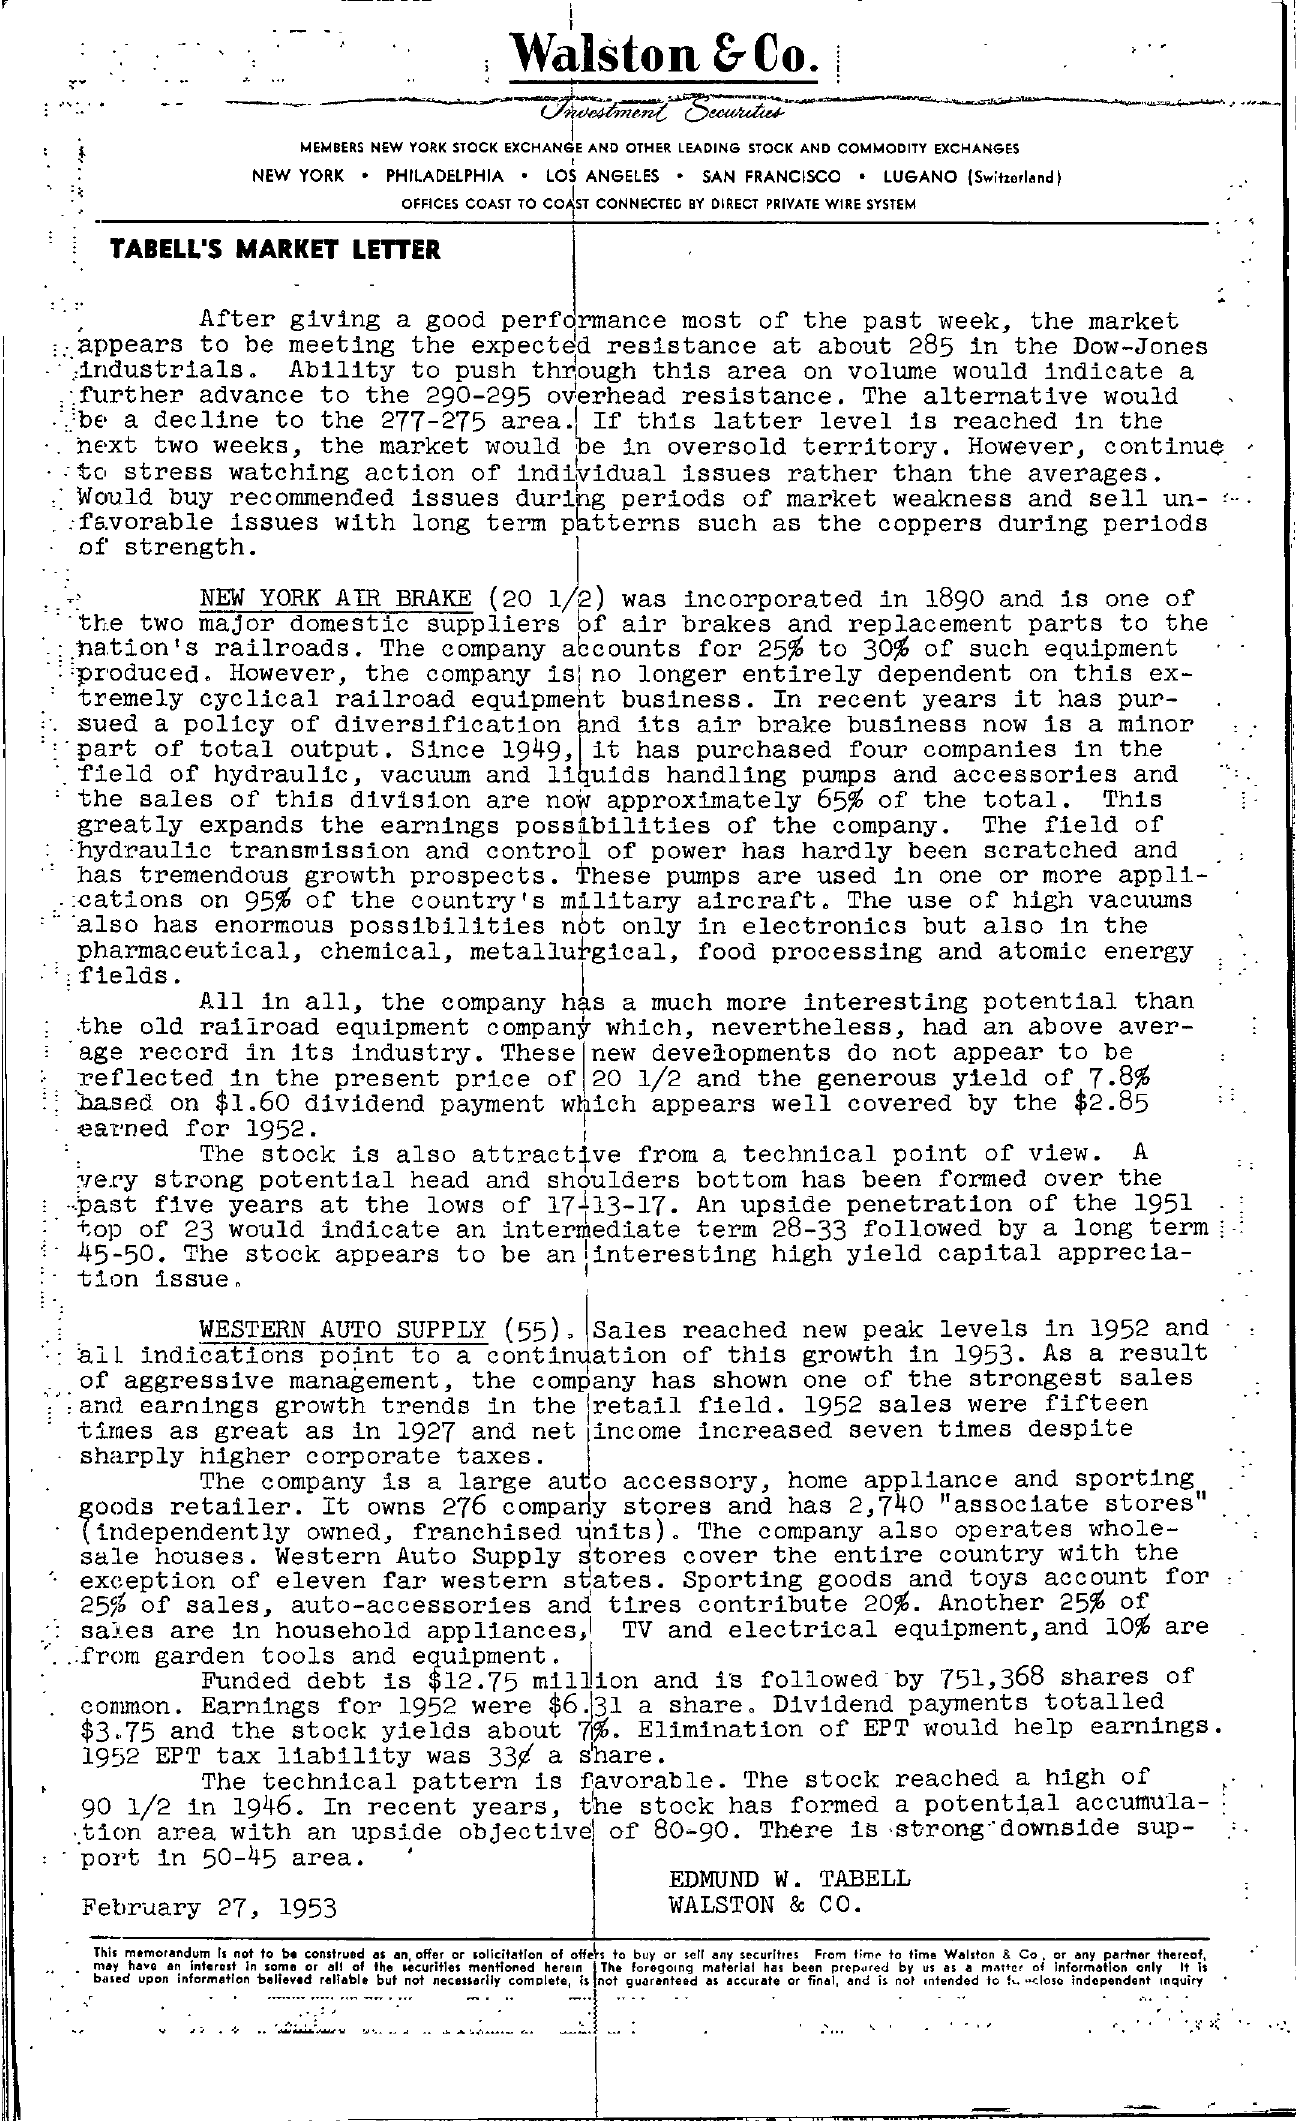 Tabell's Market Letter - February 27, 1953